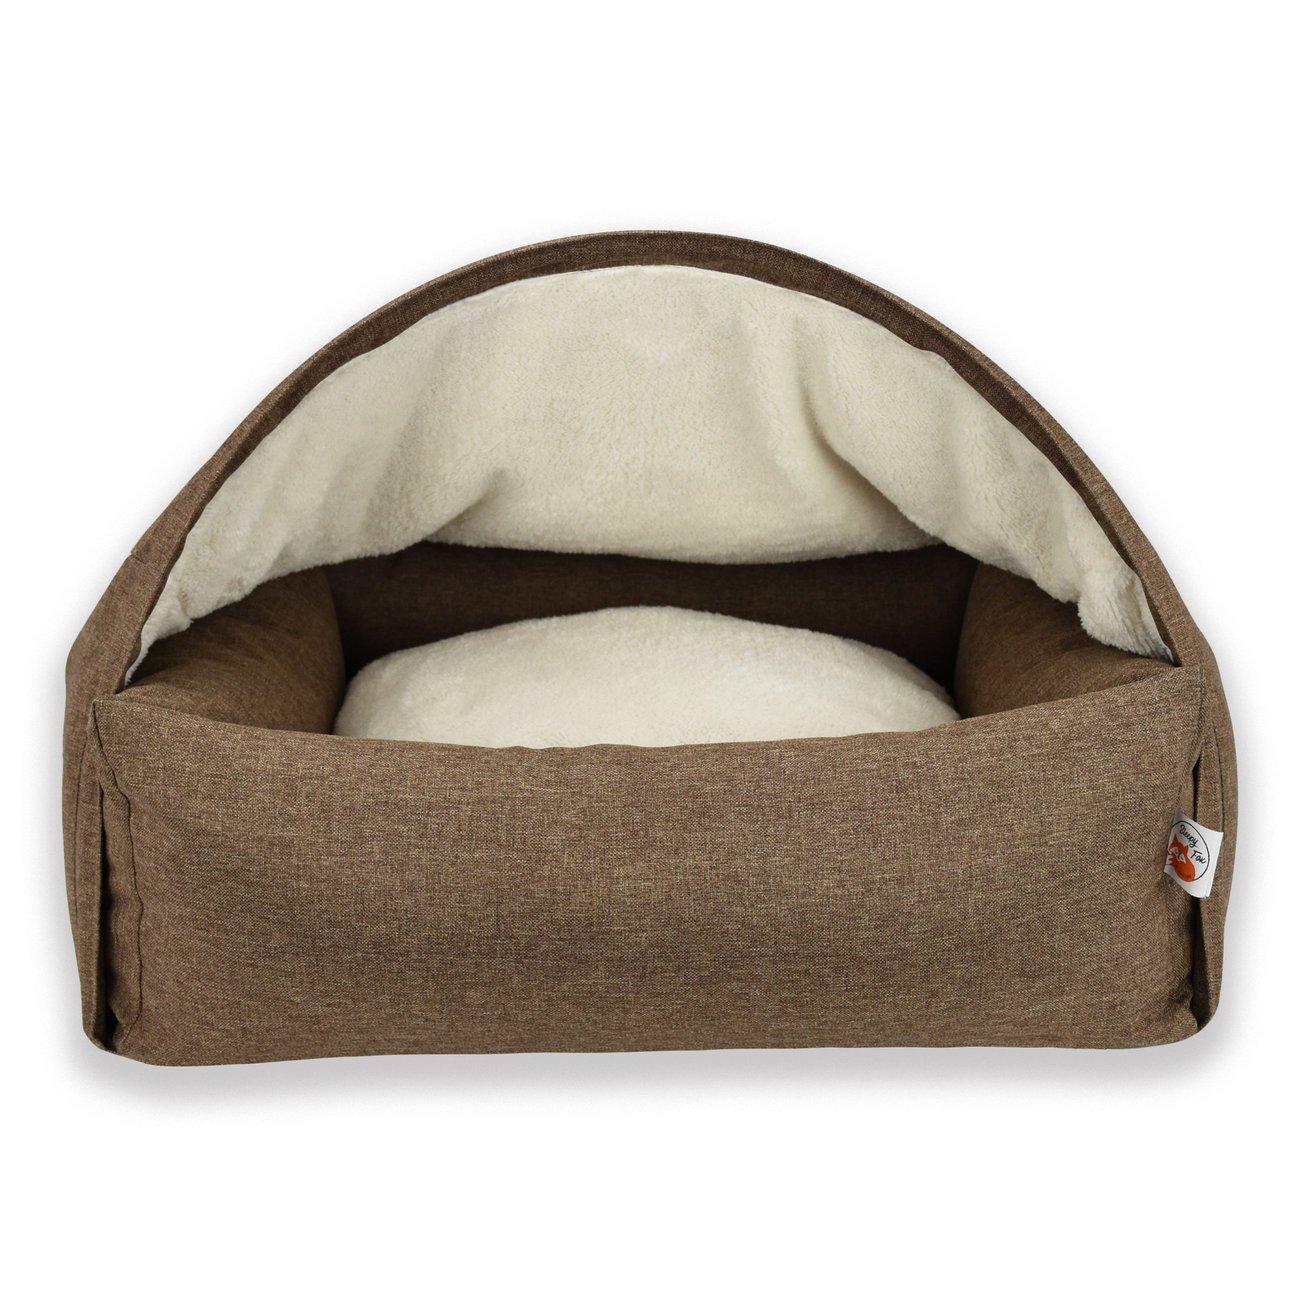 Sleepy Fox® Kuschelhöhlen Hundebett